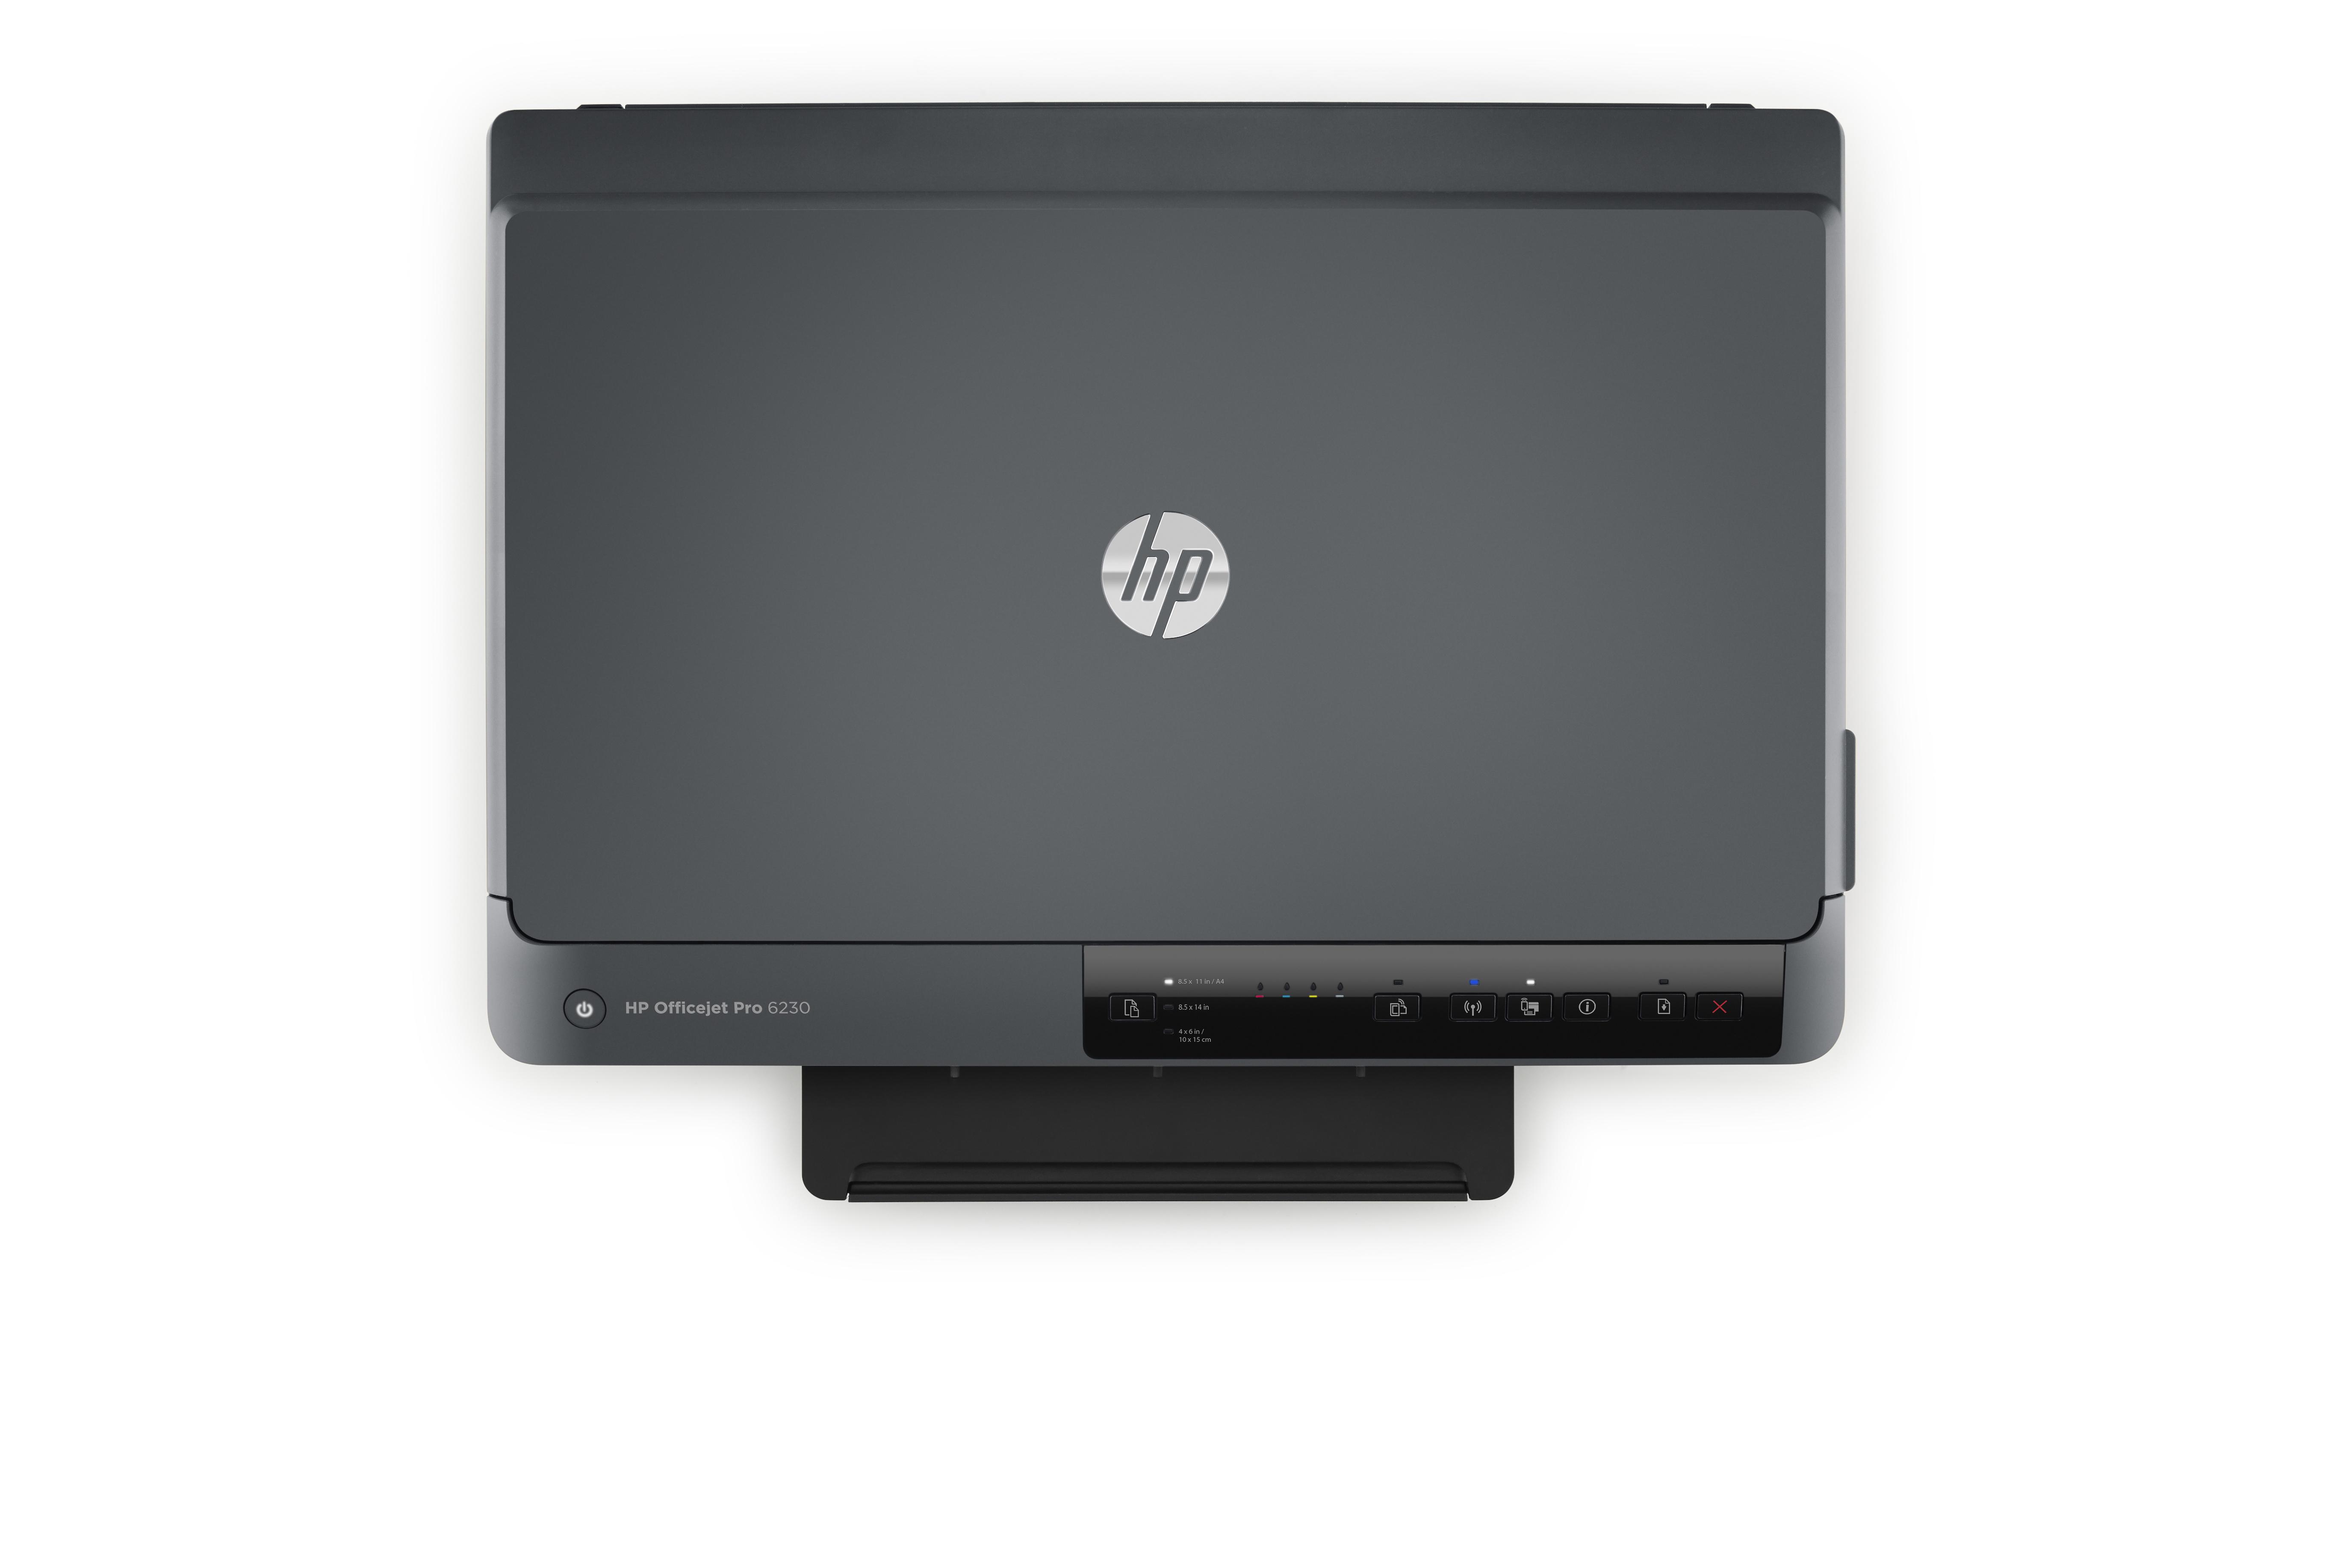 HP OfficeJet Pro 6230 inkjetprinter Kleur 600 x 1200 DPI A4 Wi-Fi, 18 ppm, dubbelzijdig, tot 29 ppm (mono), tot 24 ppm (kleur) - 935/934(xl)